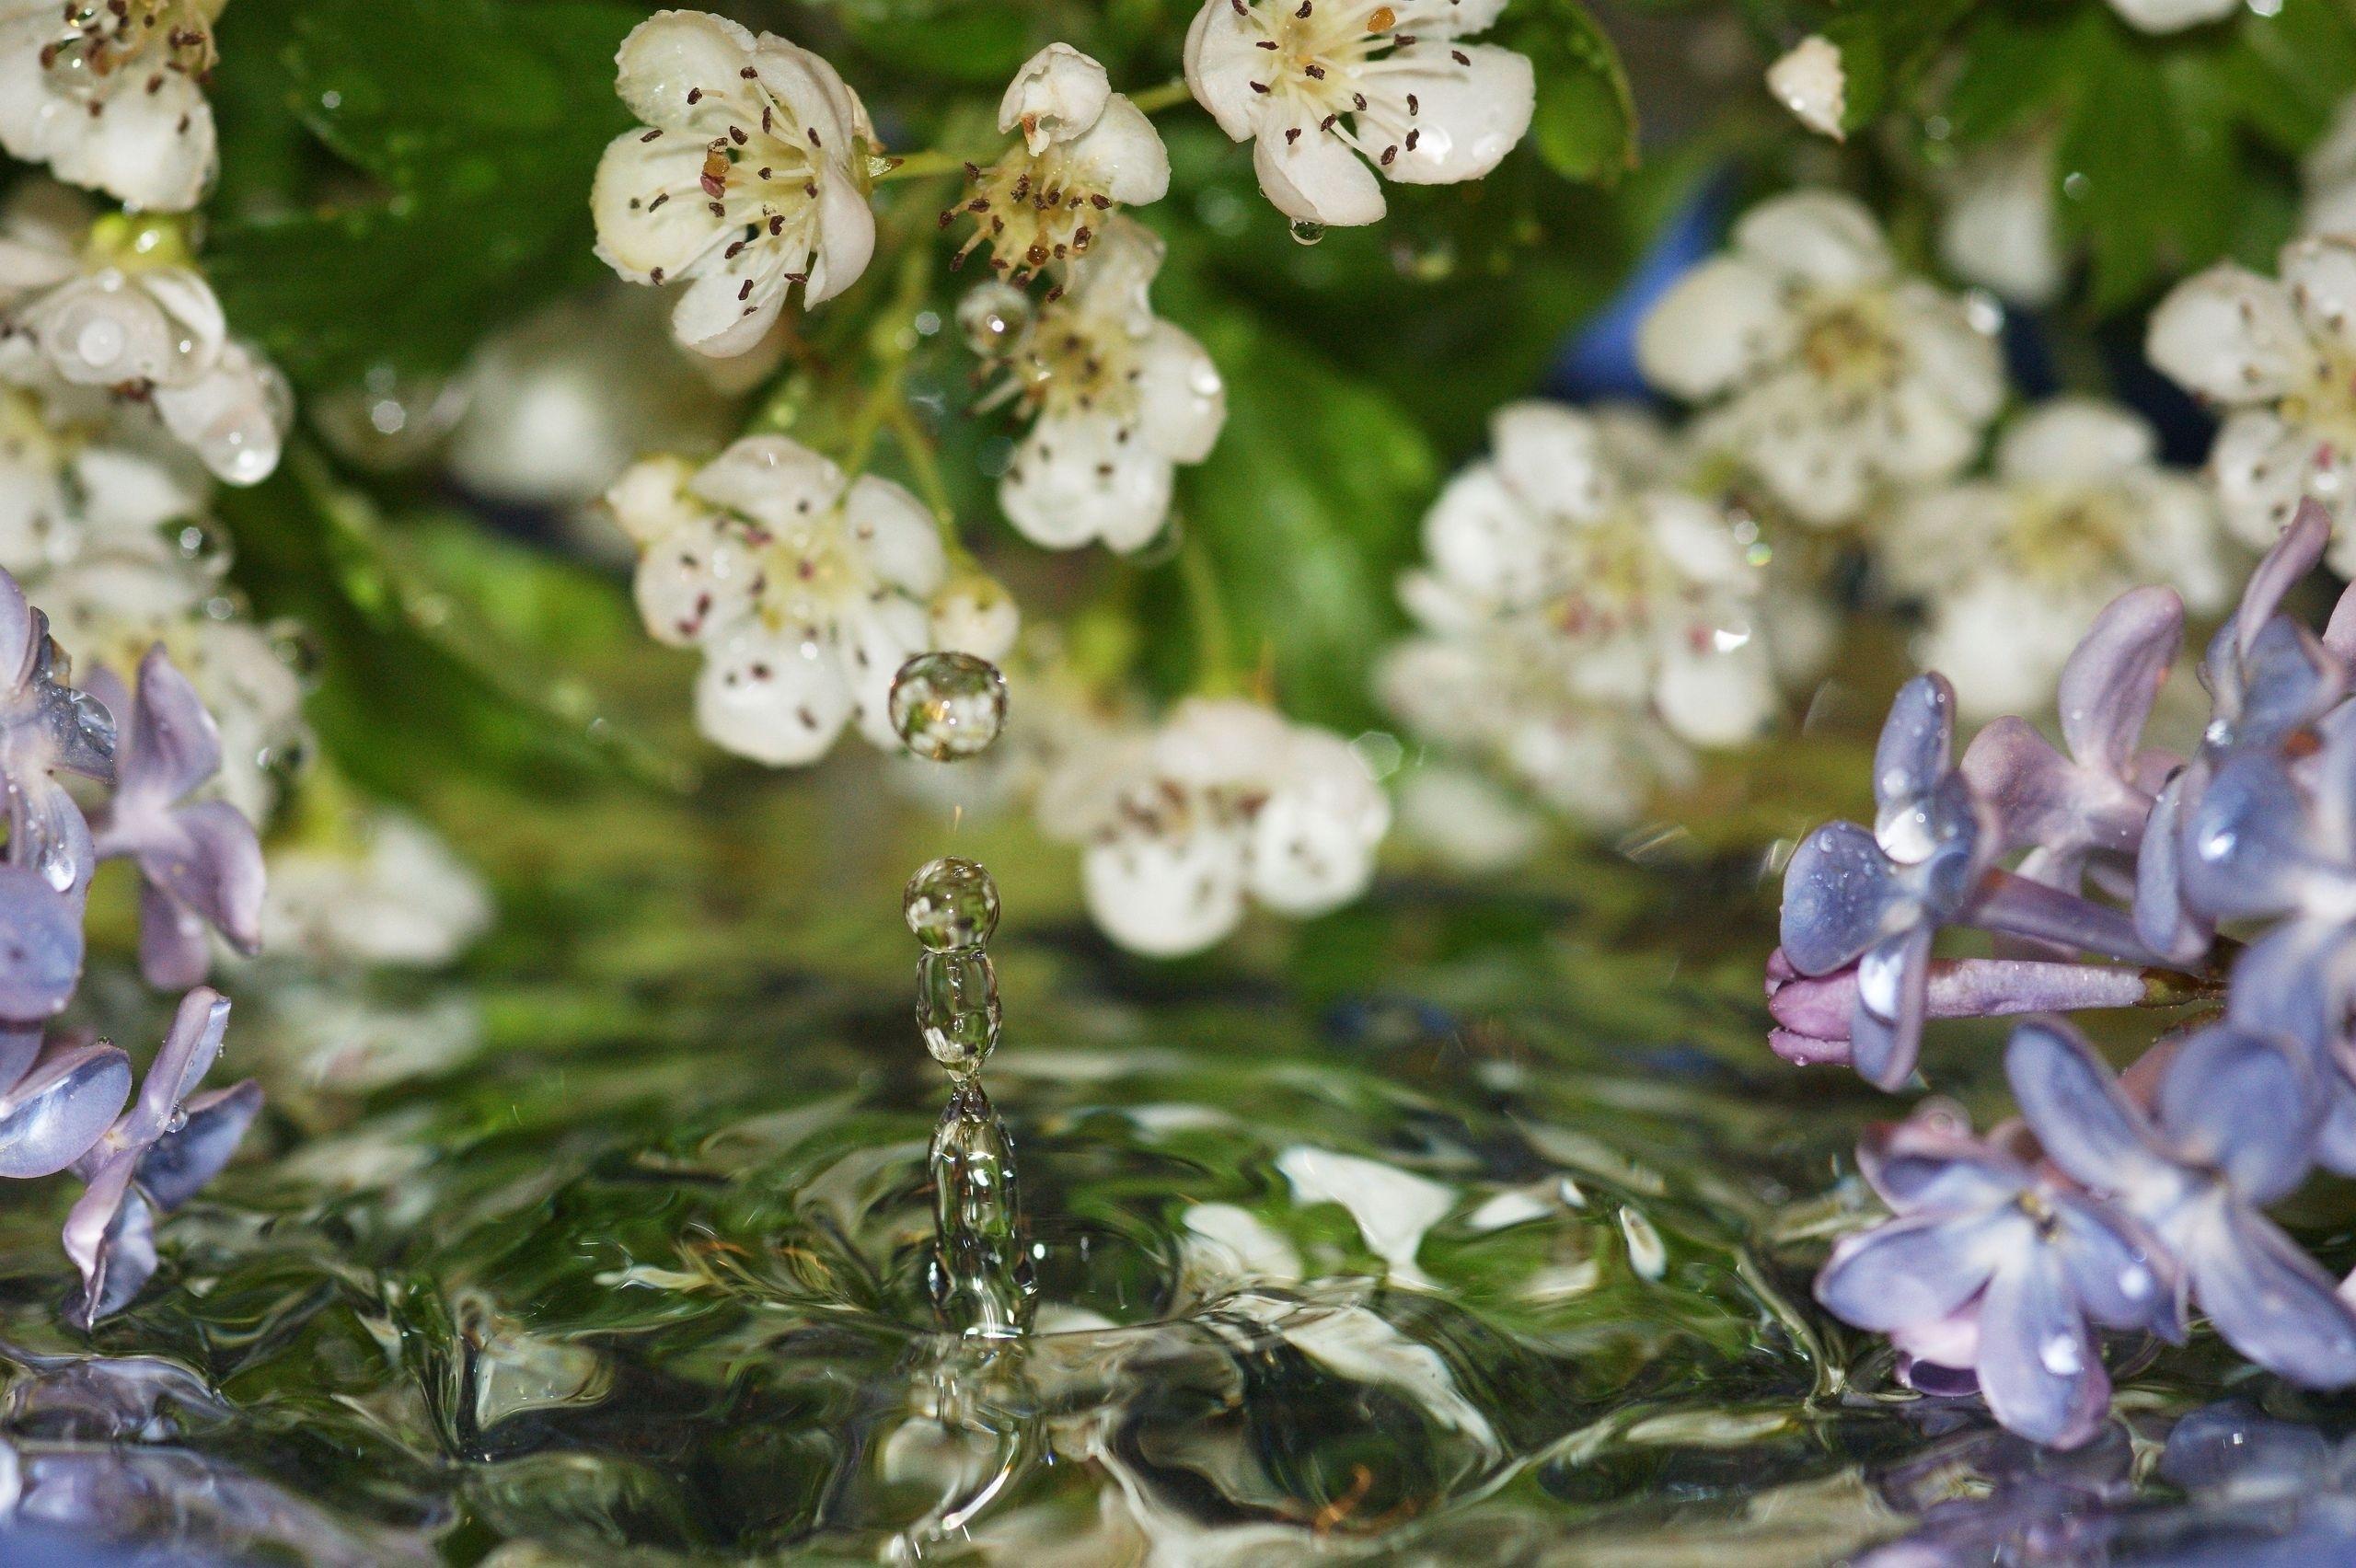 106184 Hintergrundbild herunterladen Blumen, Wasser, Lilac, Drops, Makro - Bildschirmschoner und Bilder kostenlos